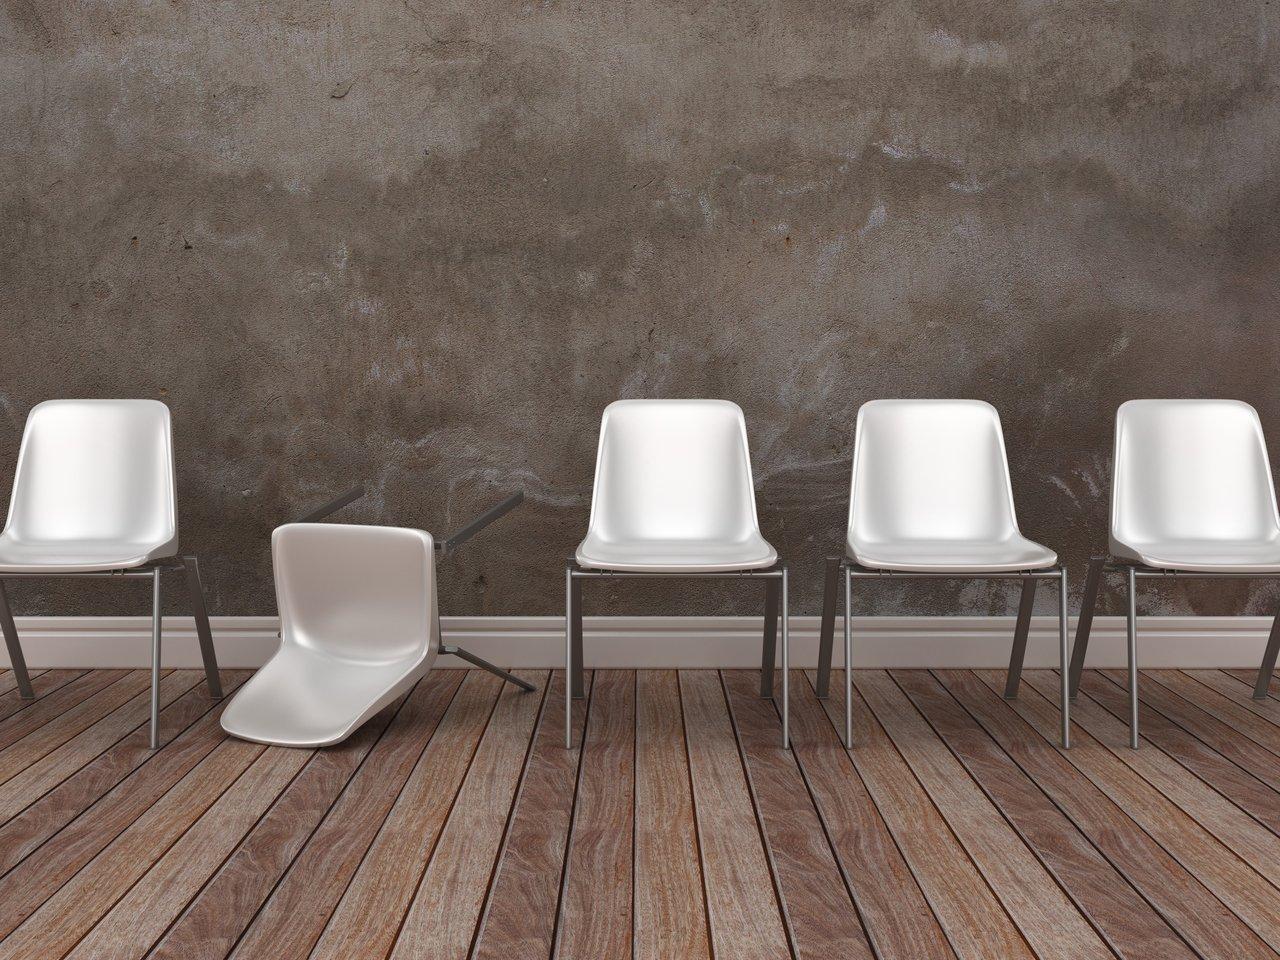 Cadeira branca caída em meio à fileira com outras cadeiras, em uma sala com piso de madeira e parede de concreto